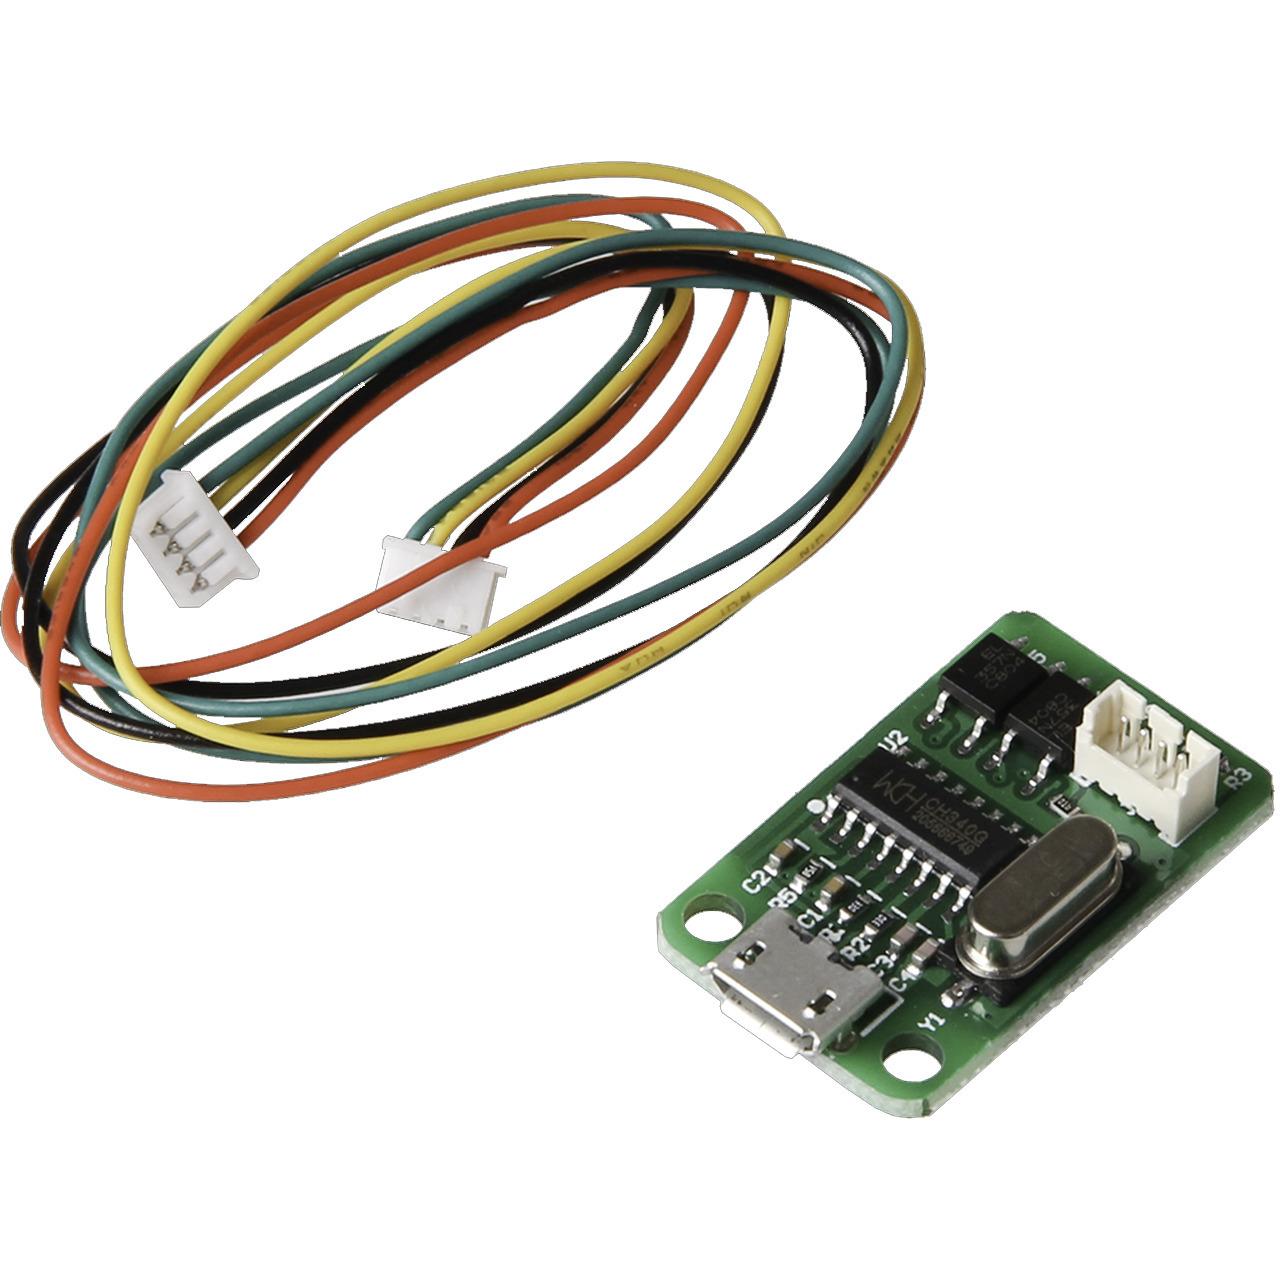 JOY-iT USB-Erweiterungsmodul fund-252 r JT-DPS5005 und JT-DPS5015 inkl Verbindungskabel (zum DPS 5005-15)